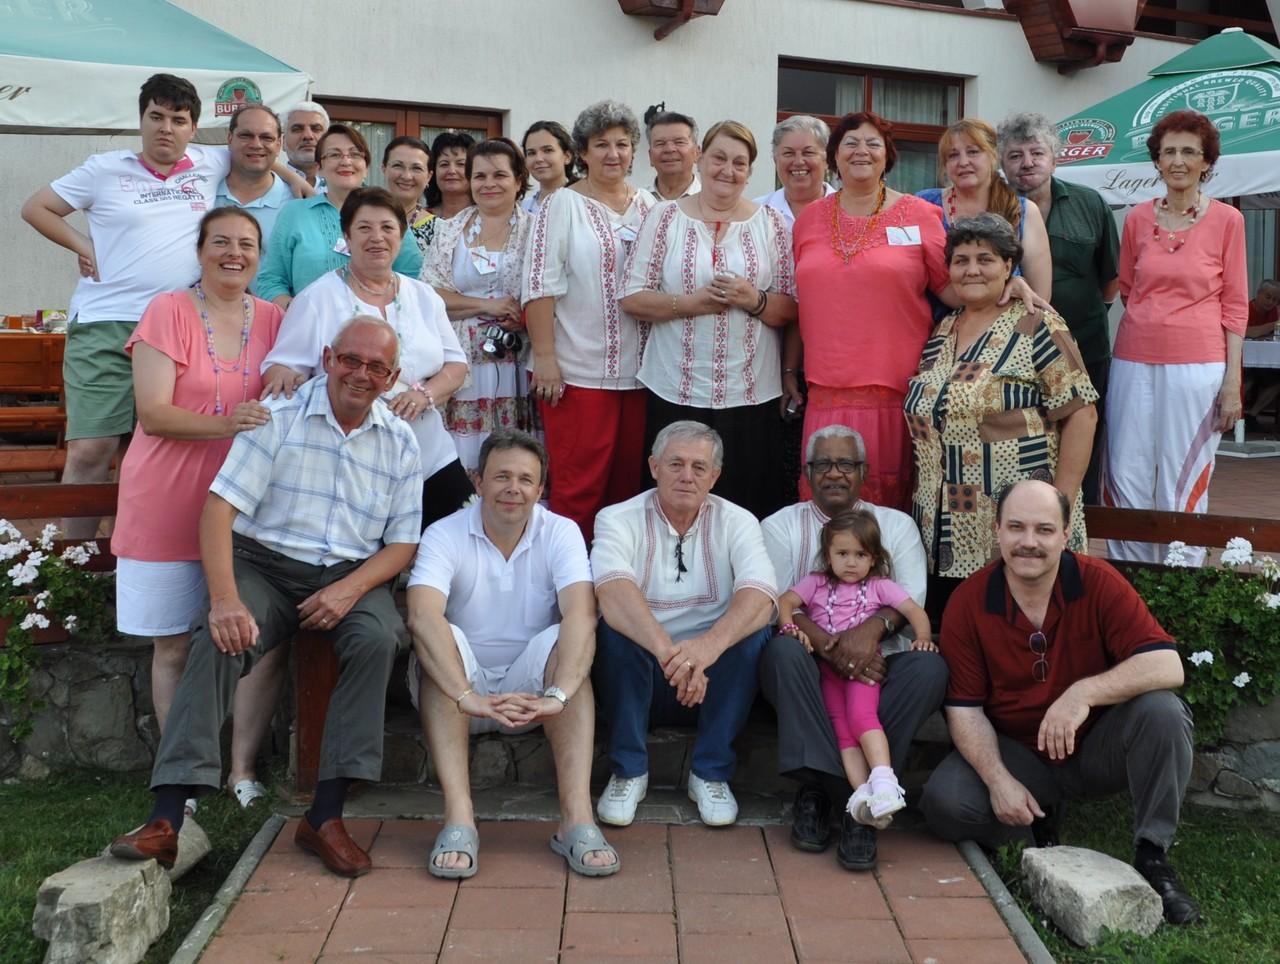 2014.Un an cu sot, numai bun de intilniri....fac strigare de intilneala laAlba Iulia. - Pagina 8 DSC_6015_1